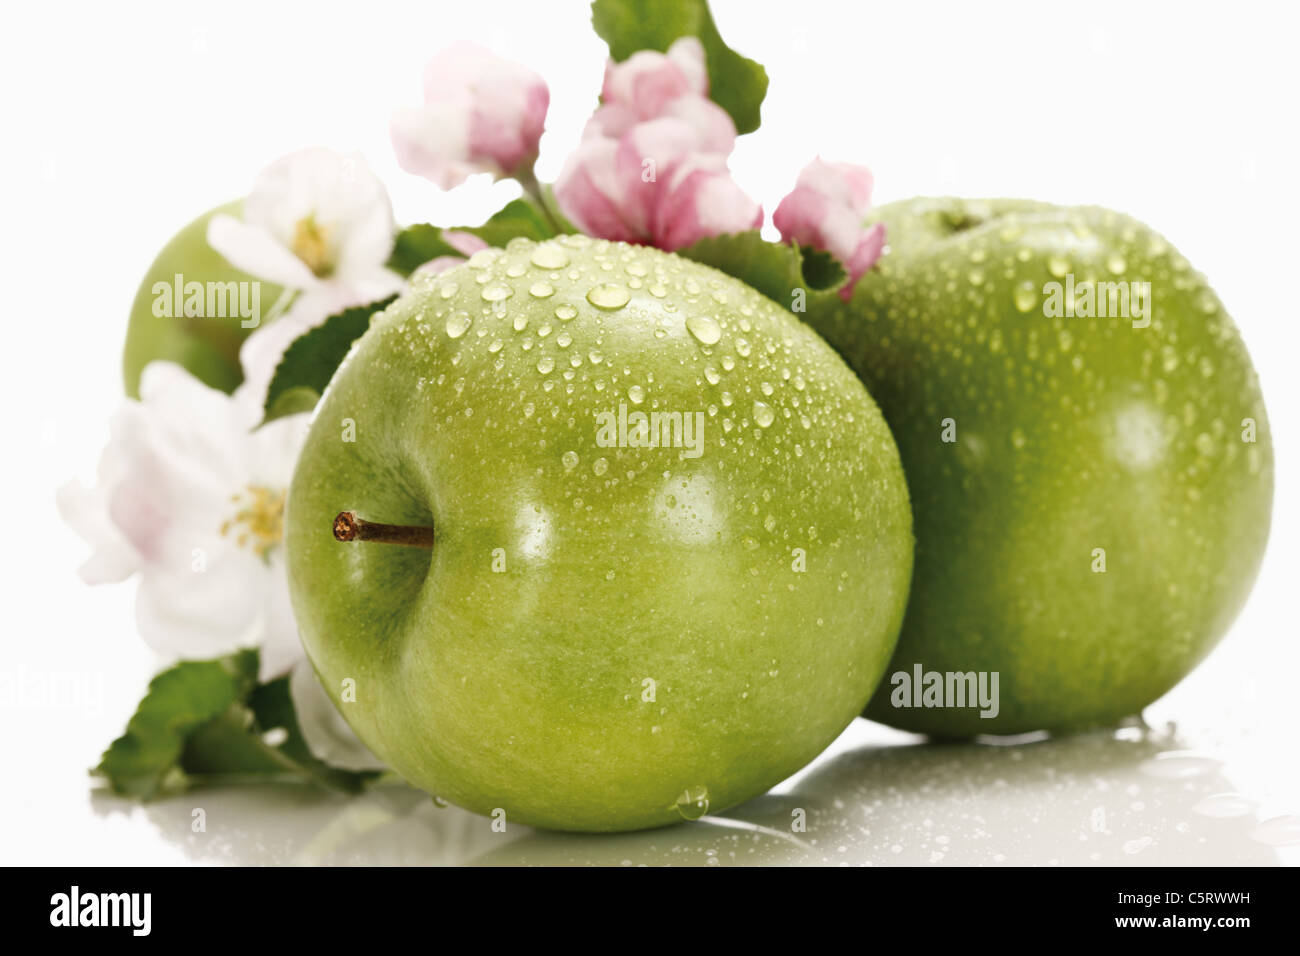 Las manzanas verdes con gotas de agua en el fondo, Apple Blossom close-up Imagen De Stock